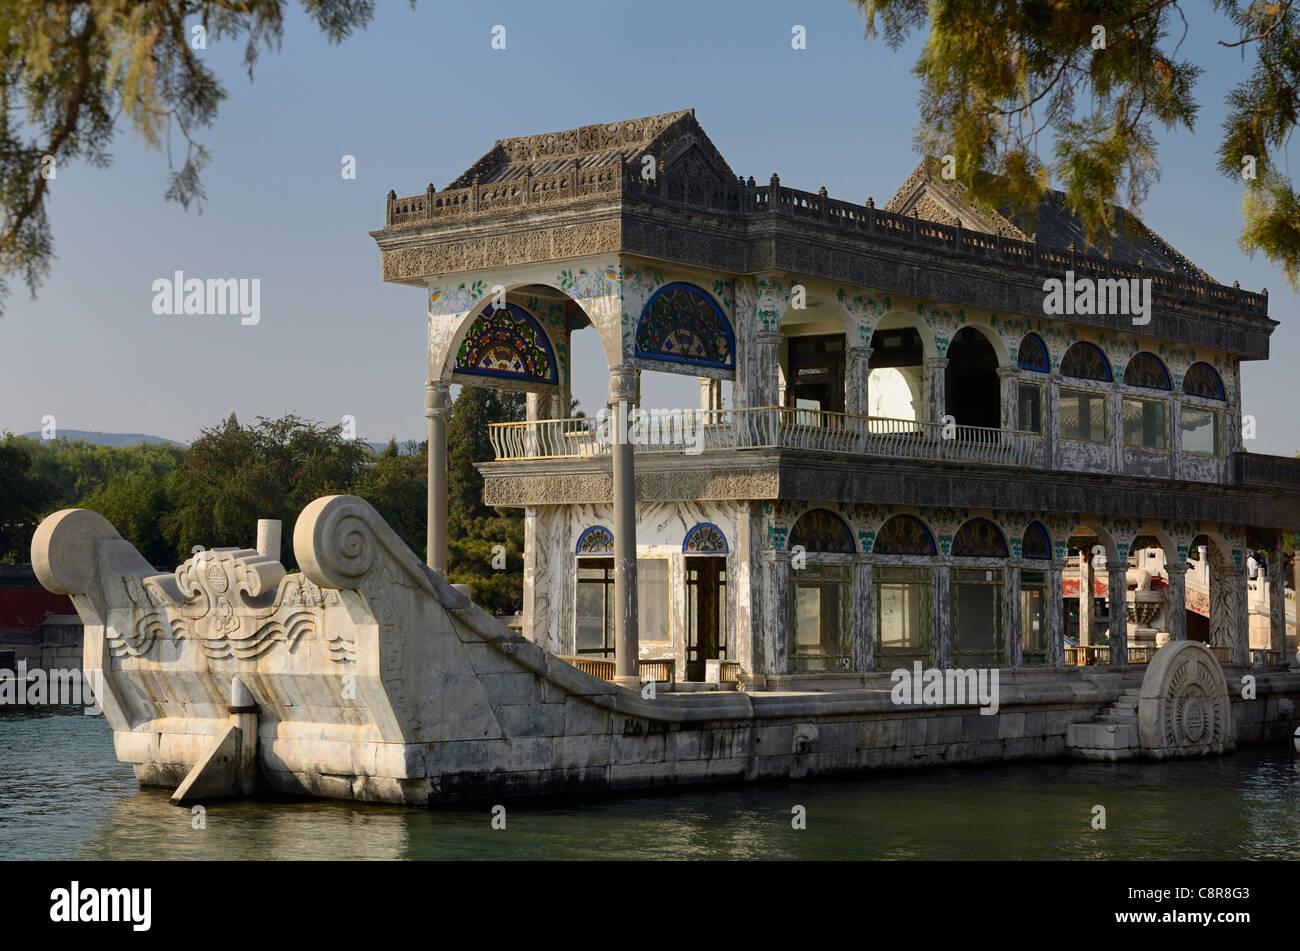 Clara y pacífica o barco de mármol en el lago Kunming en el palacio de verano de Pekín, China Imagen De Stock